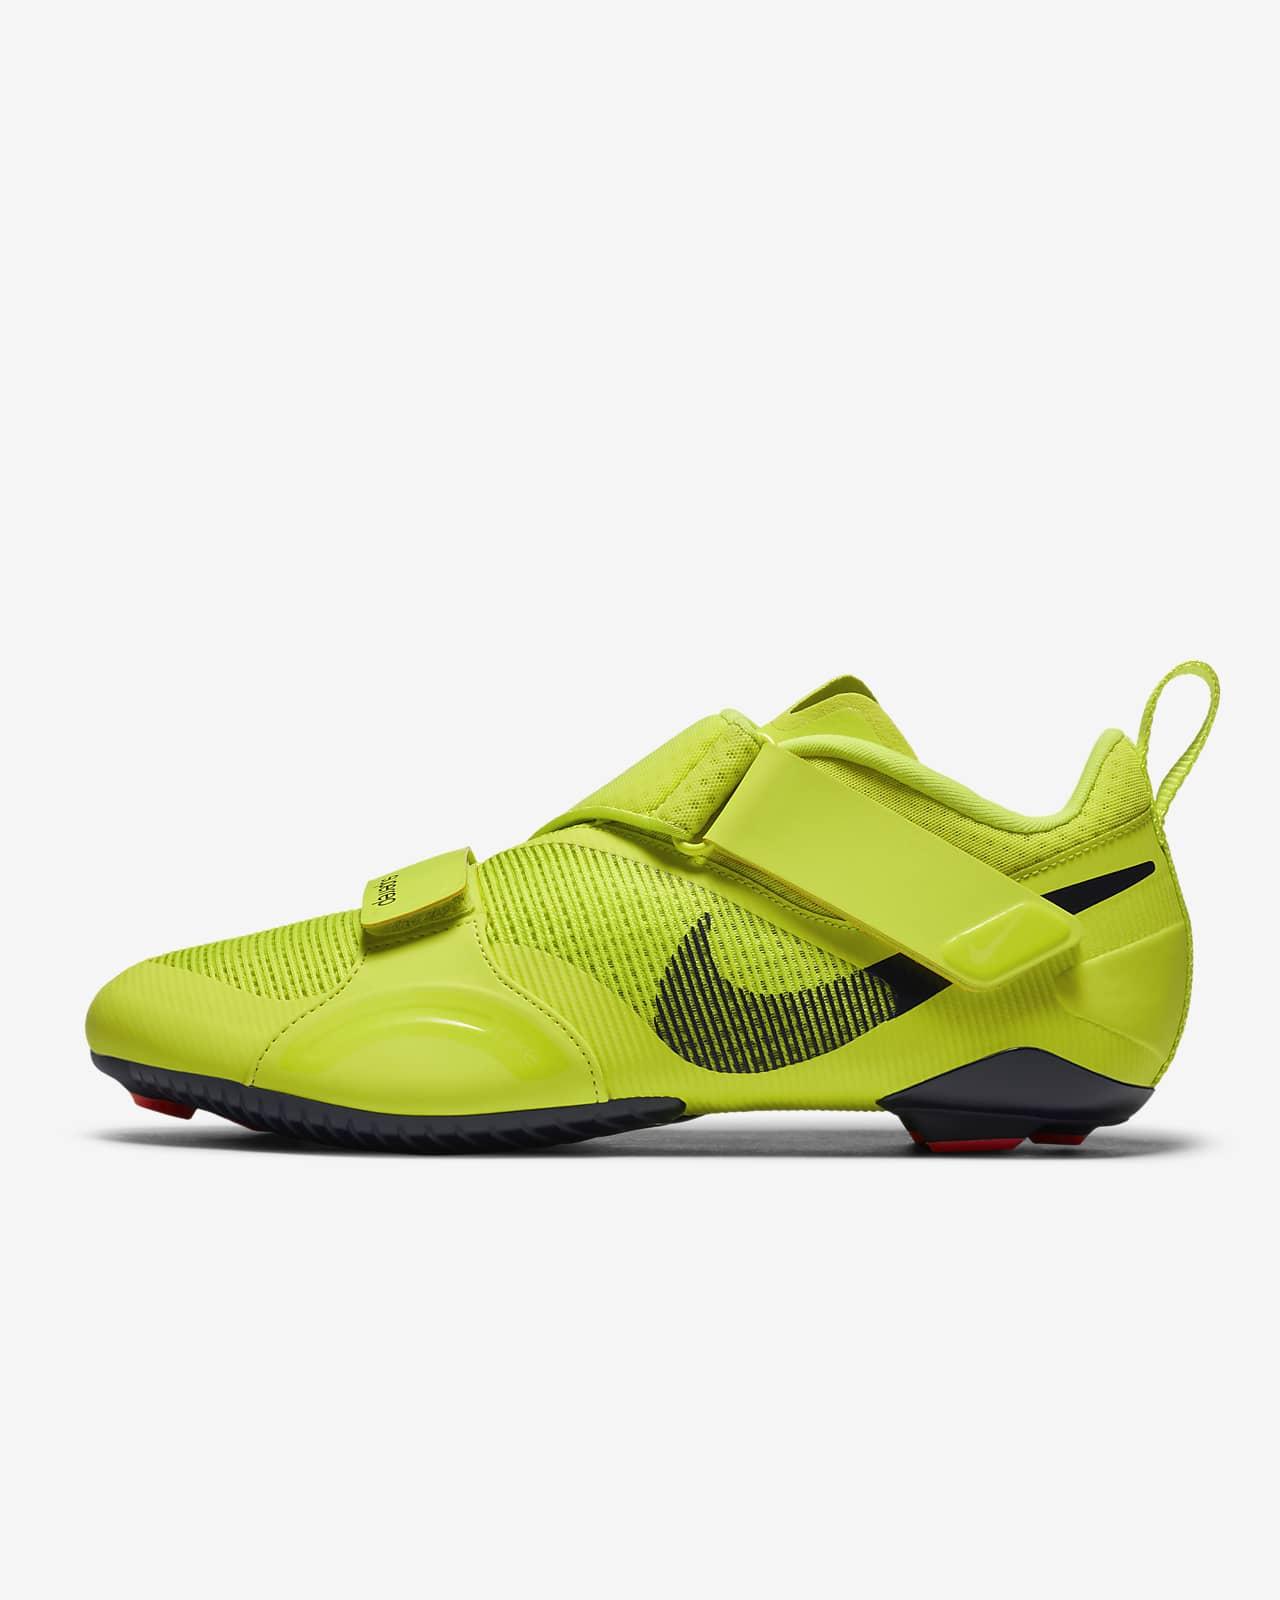 รองเท้าปั่นจักรยานในร่มผู้ชาย Nike SuperRep Cycle